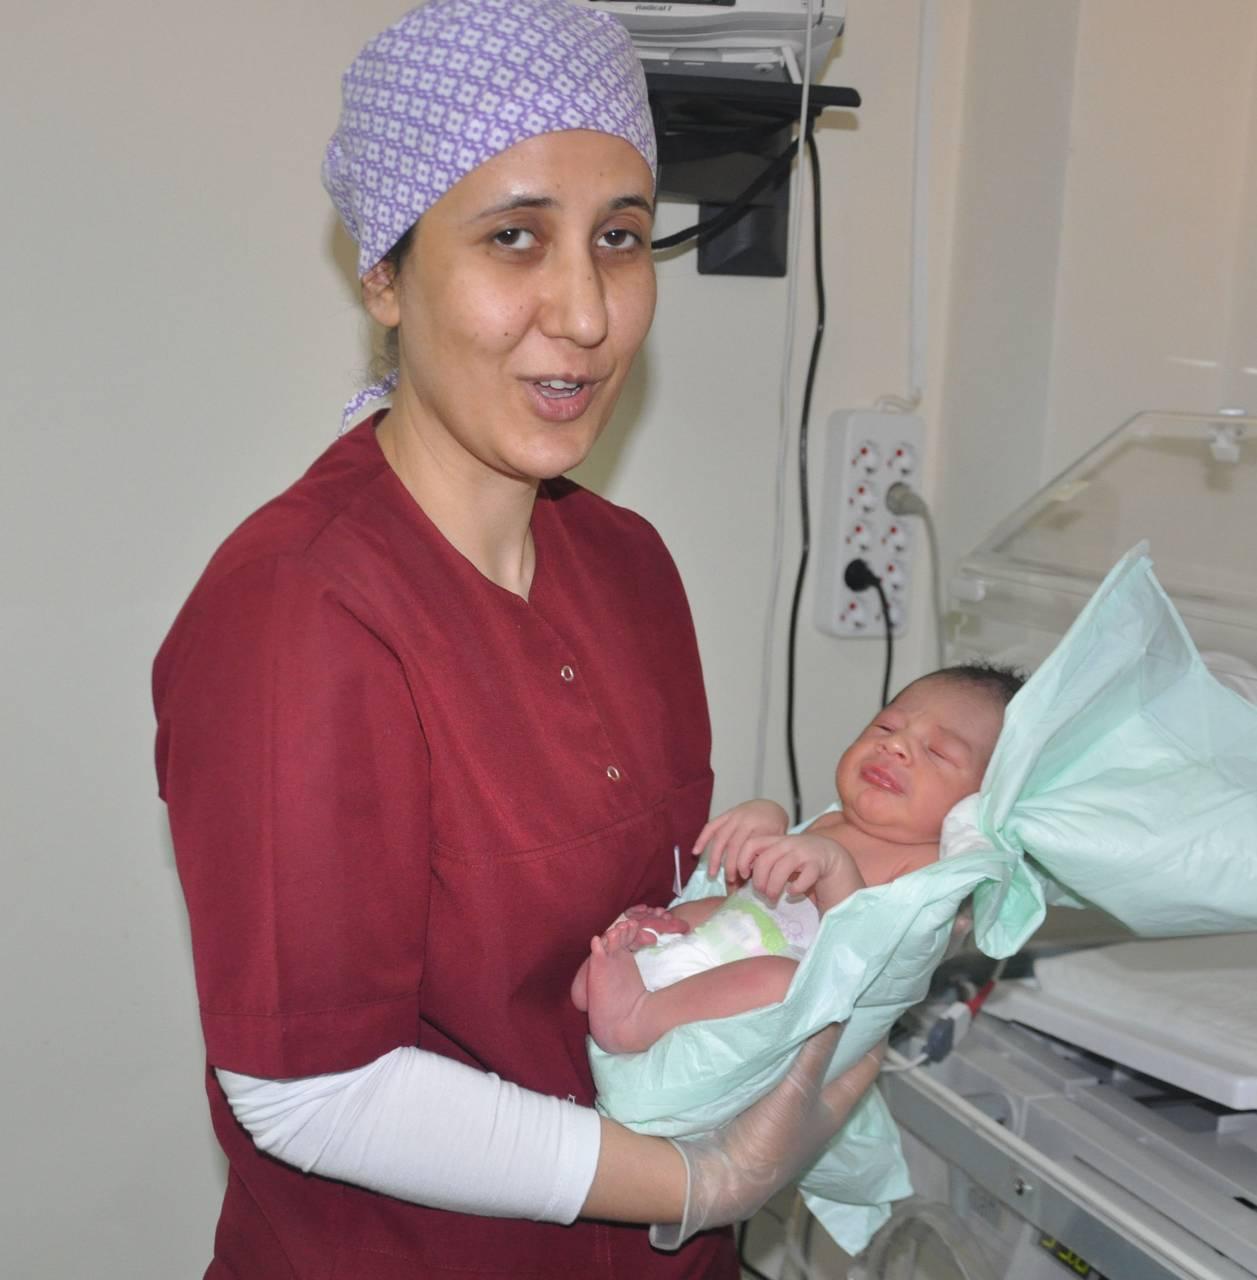 Kızıltepe'de yol kenarında 3 günlük bebek bulundu